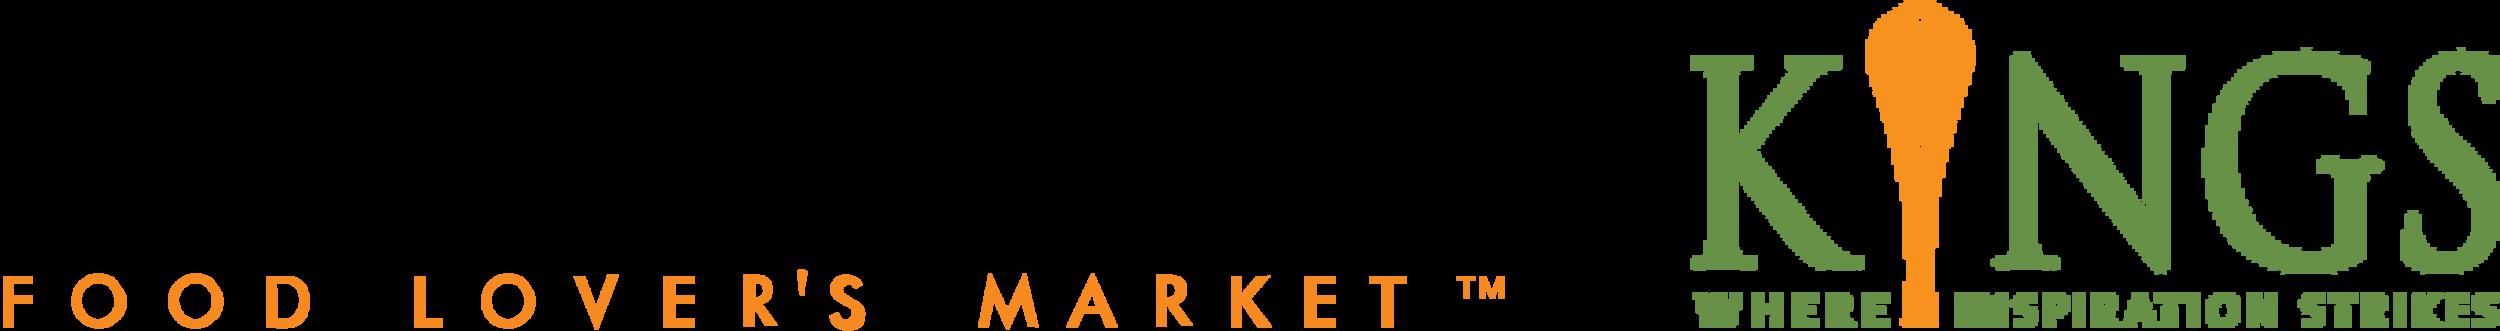 market_logos.png